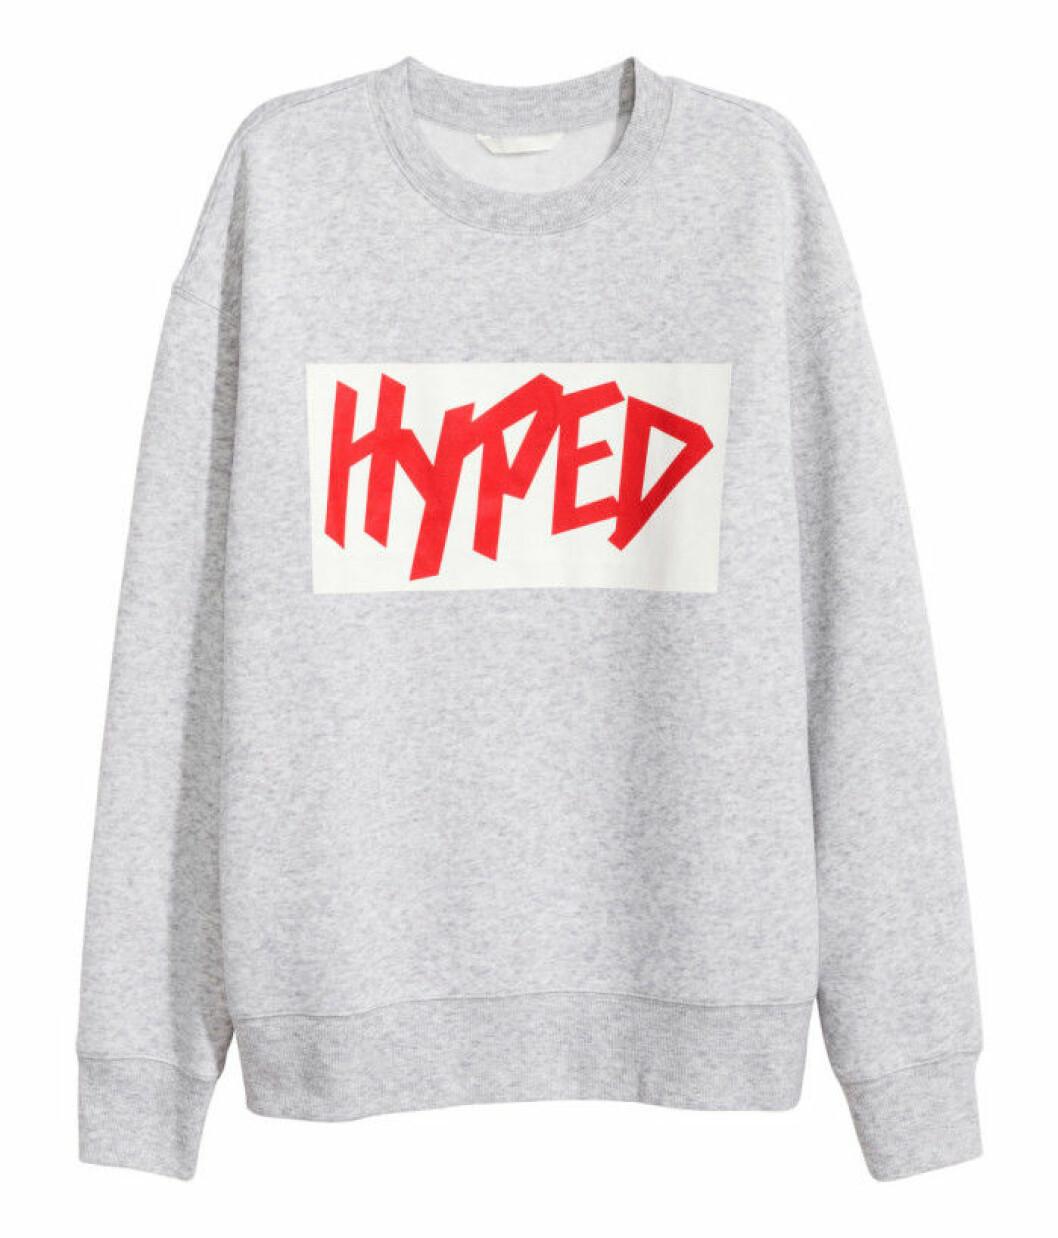 sweatshirt-hm